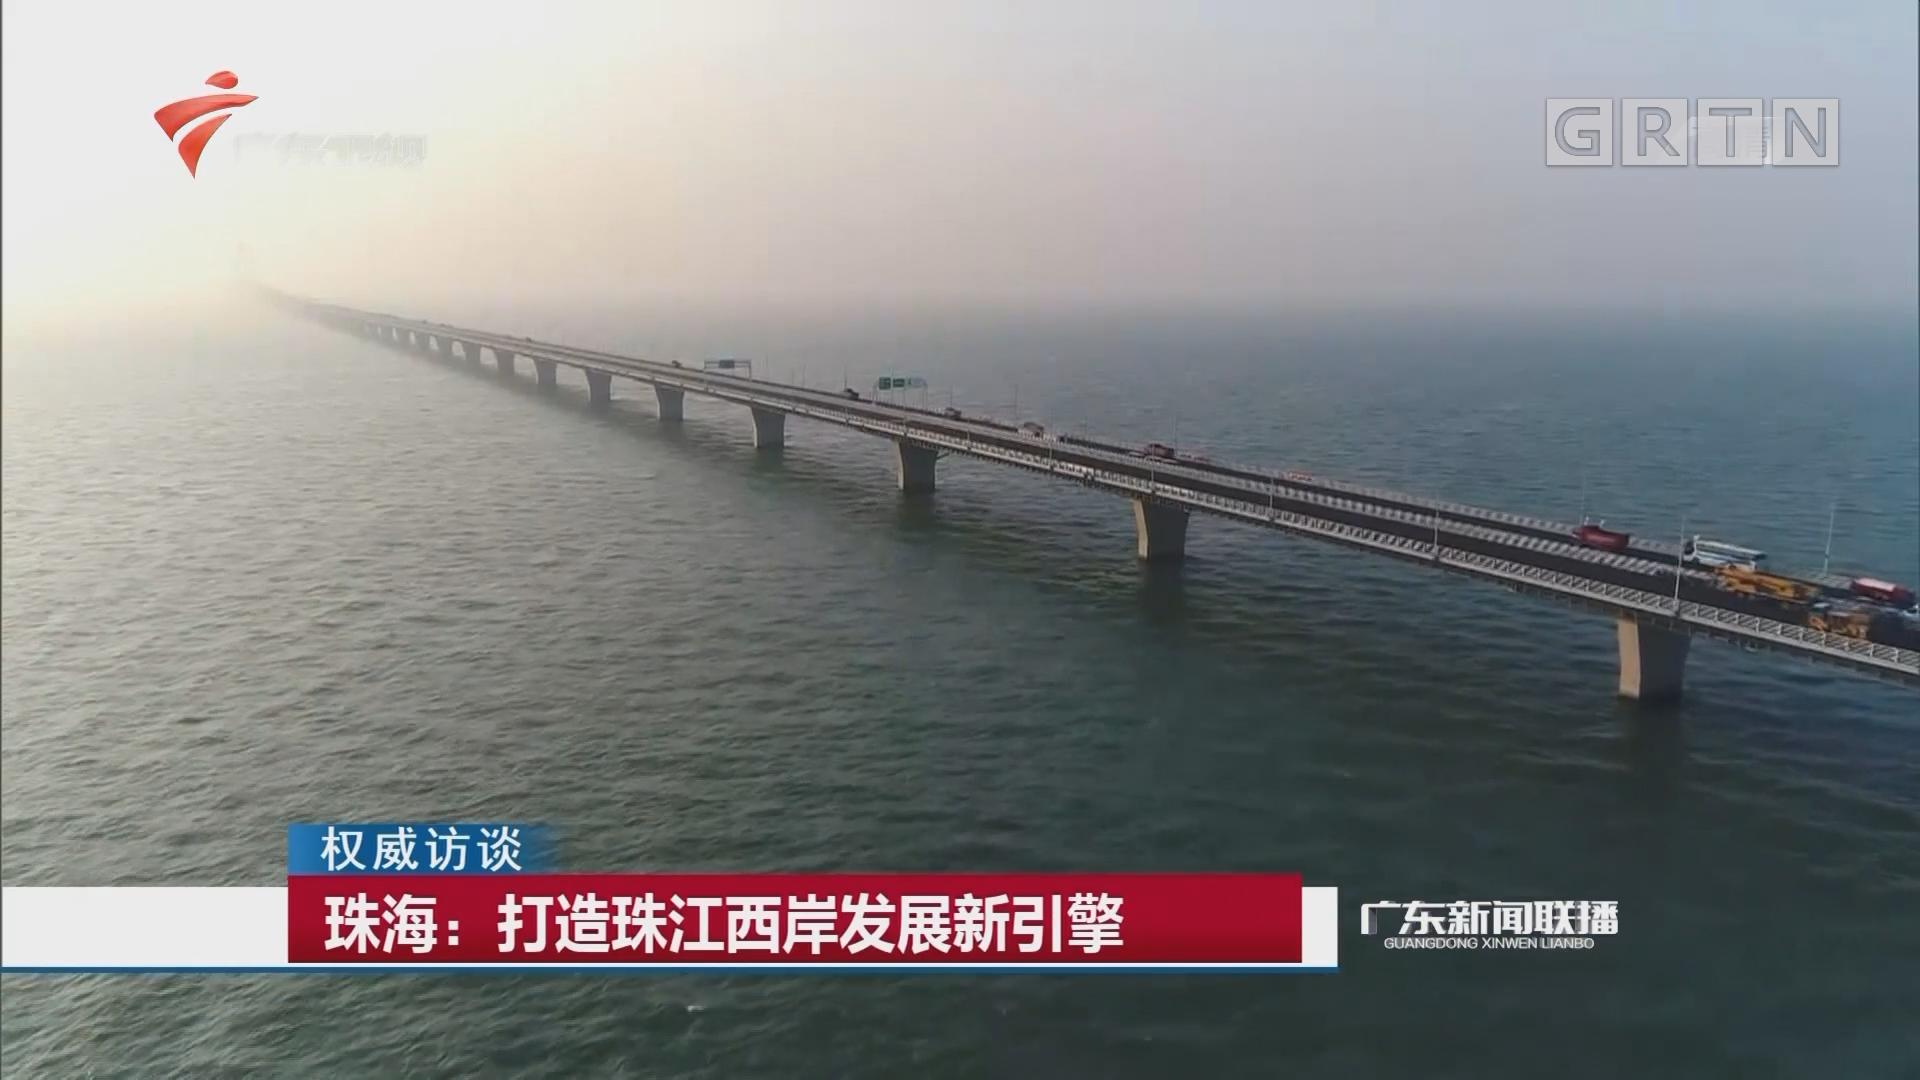 珠海:打造珠江西岸发展新引擎